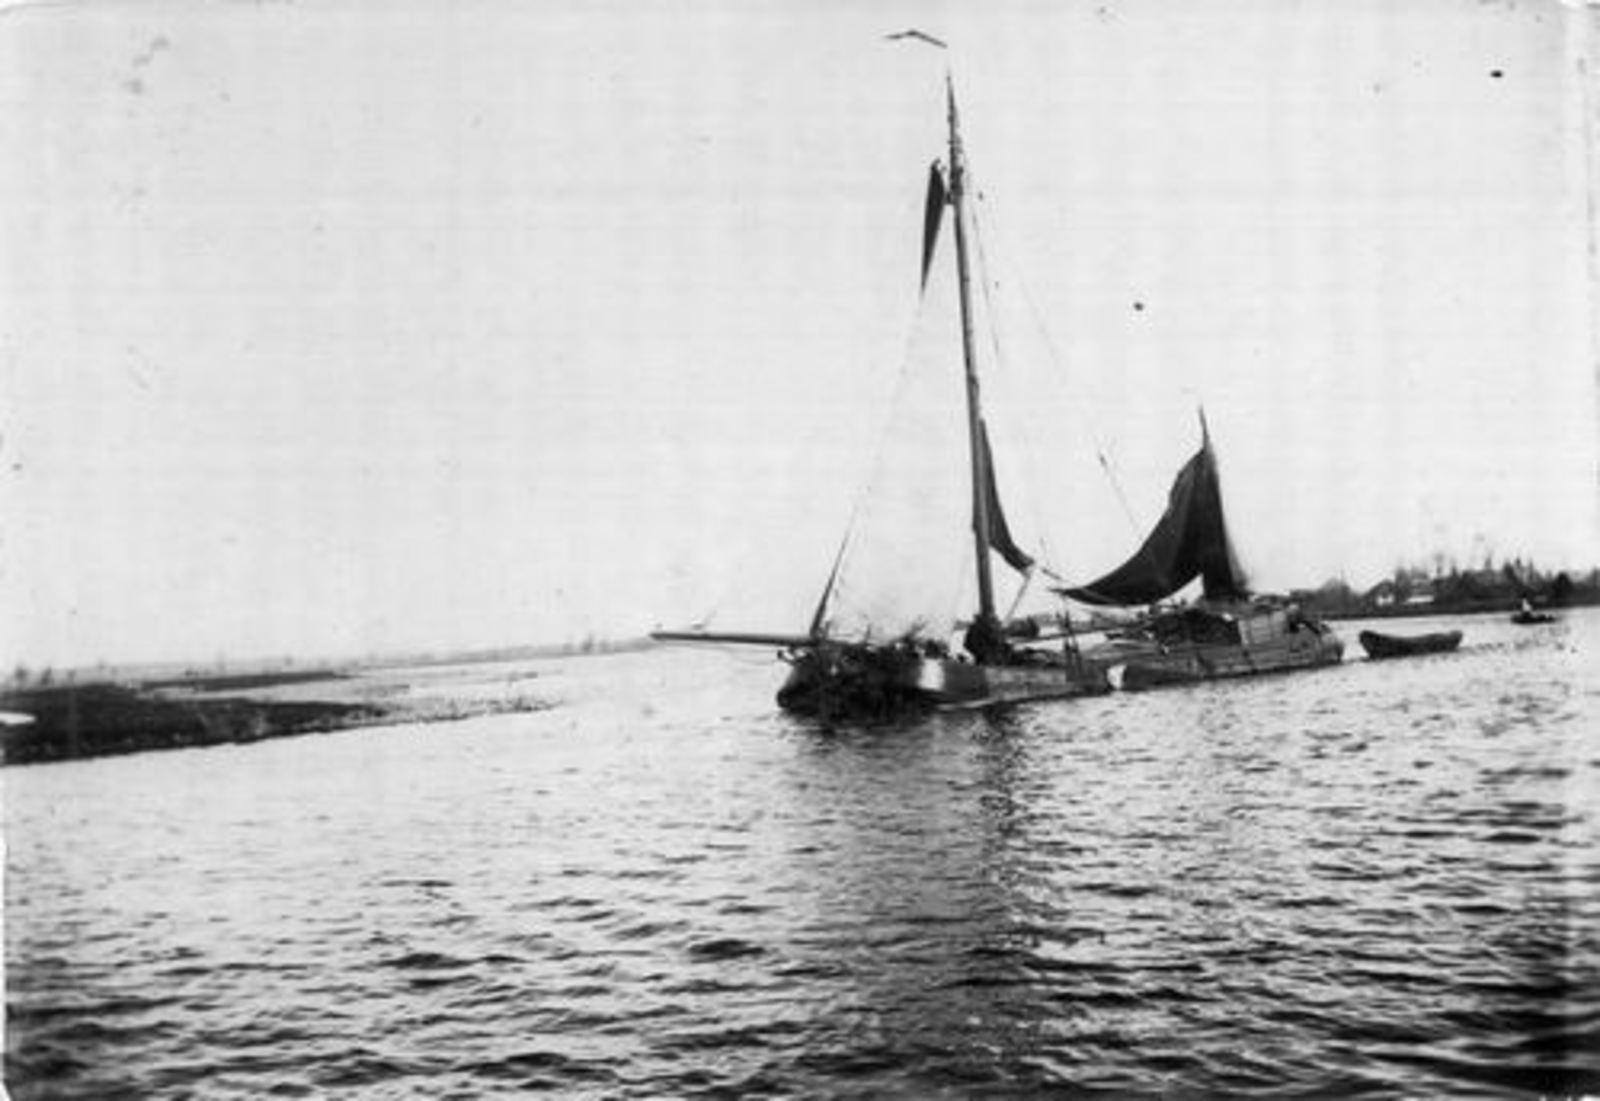 <b>ZOEKPLAATJE:</b>&nbsp;Hmeer Onbekend 1895 Schepen Ringvaart en Huis 03